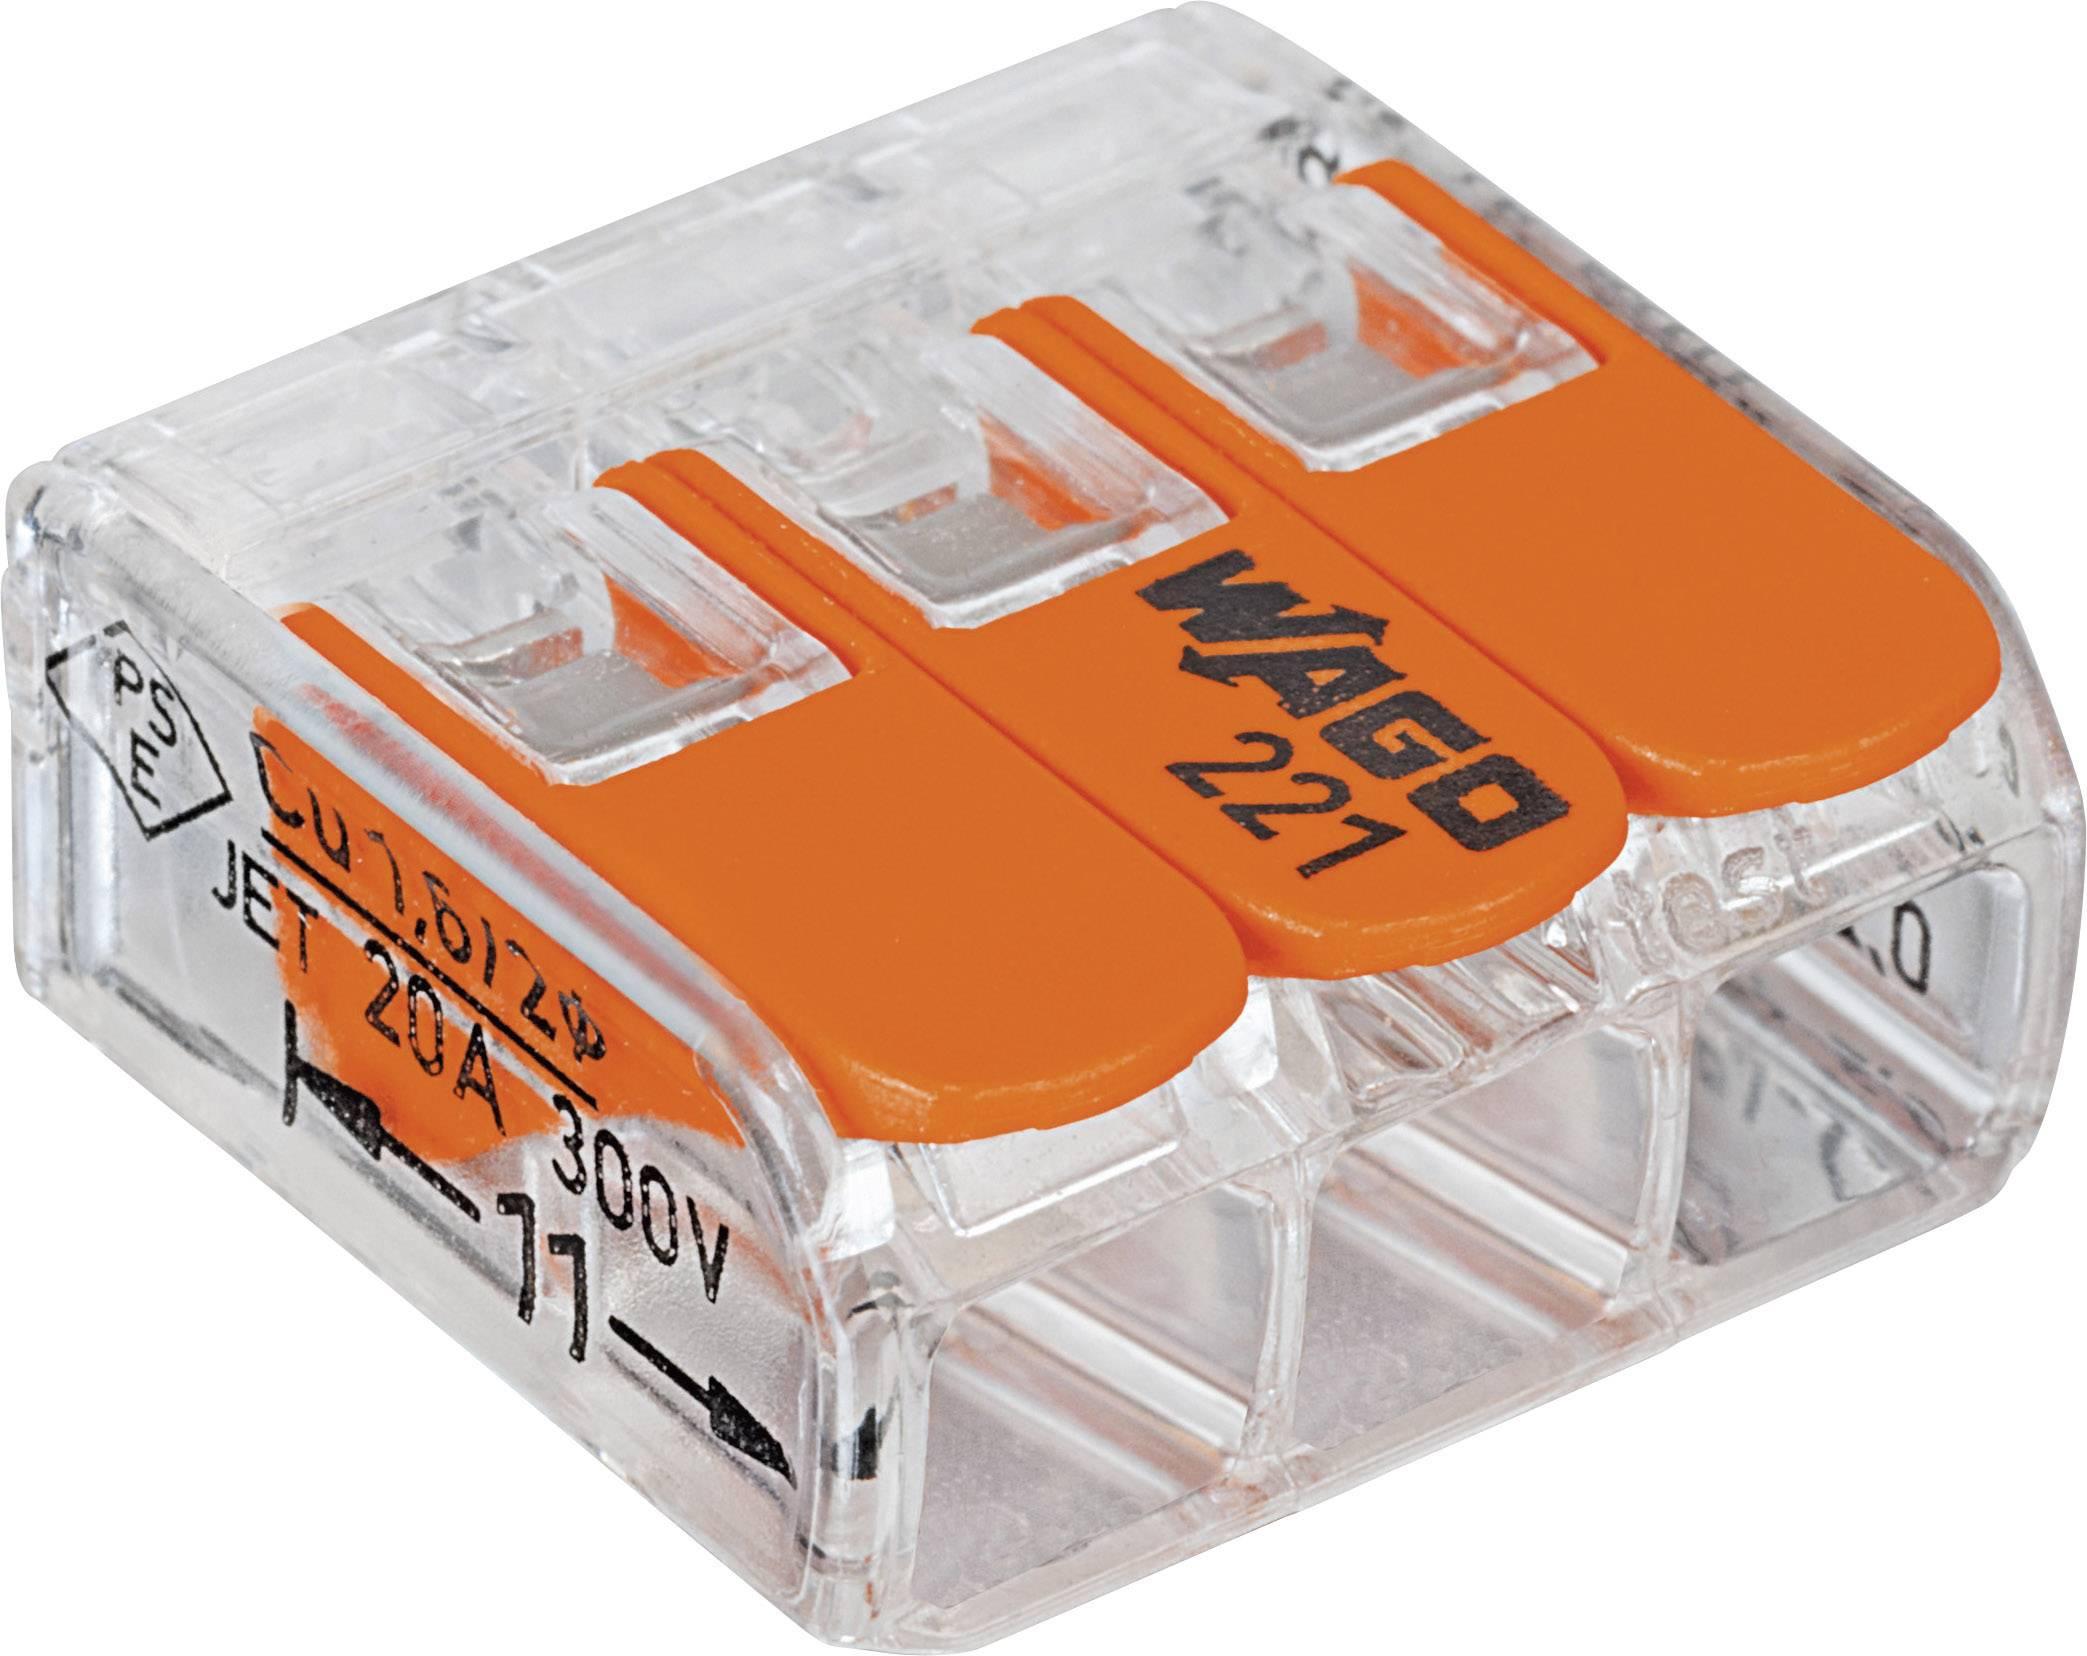 Krabicová svorkovnica WAGO 221-413 na kábel s rozmerom 0.14-4 mm², pólov 3, 1 ks, priehľadná, oranžová